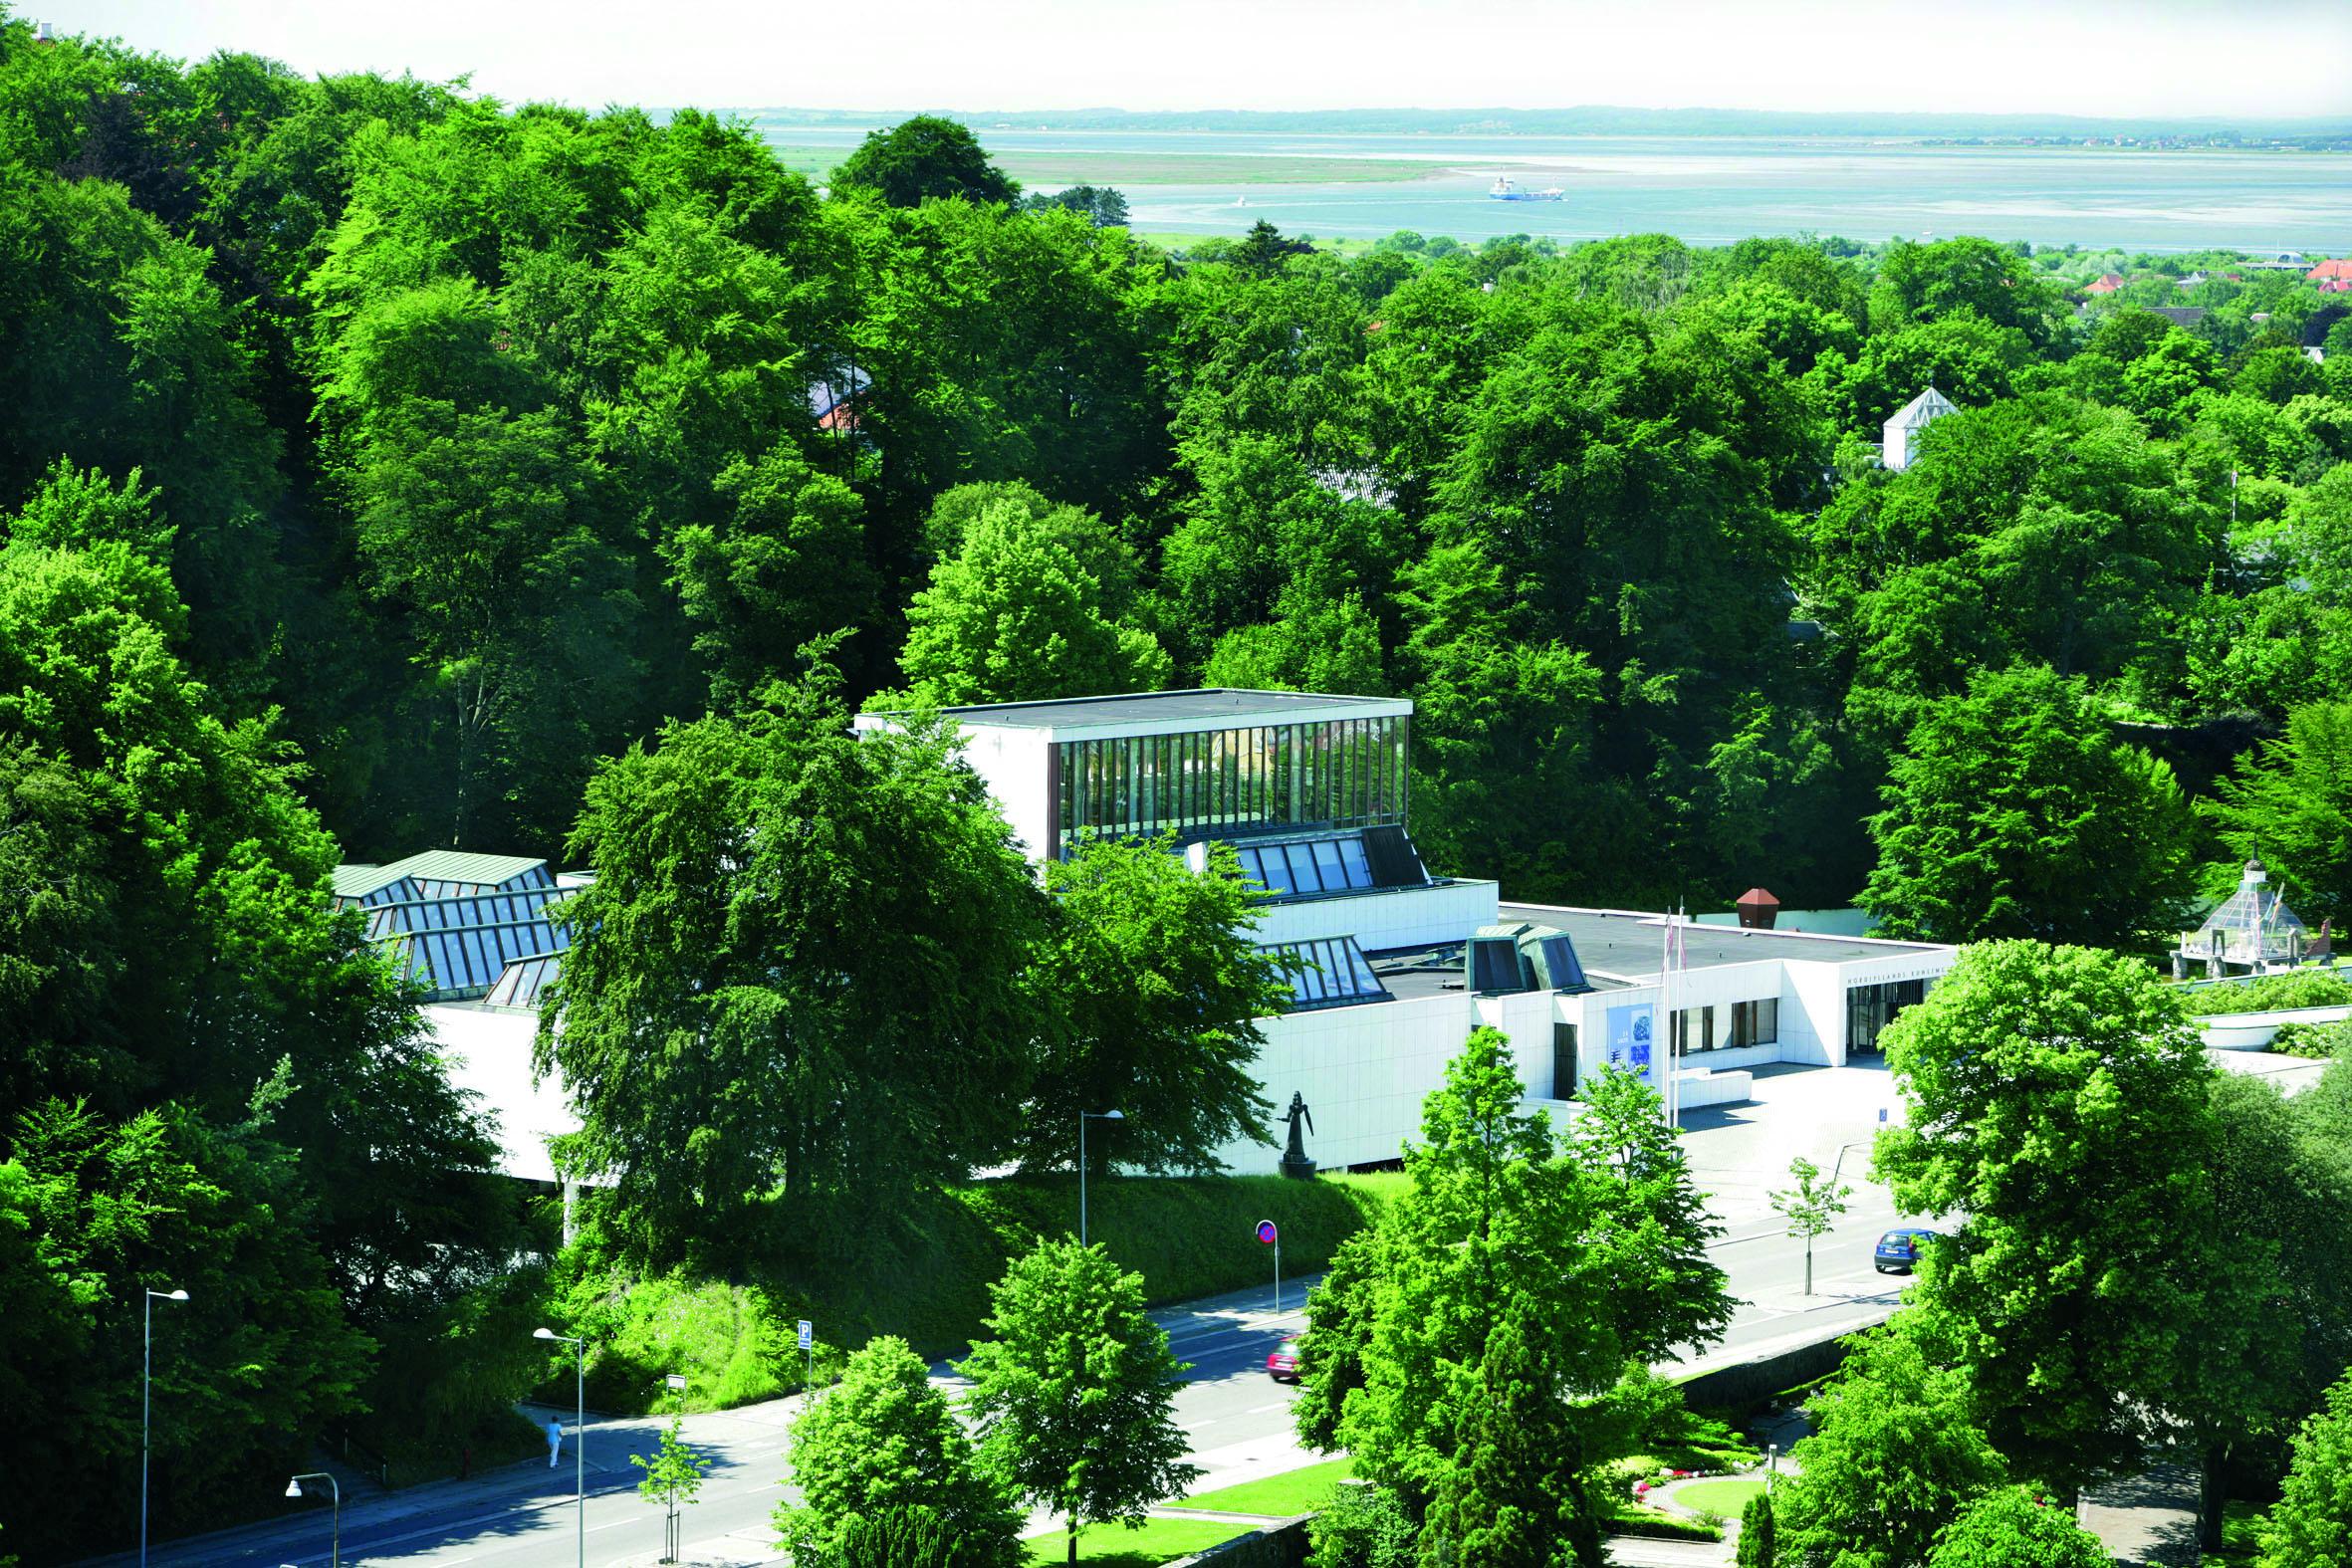 Vilde sommerplaner: Kæmpe skumkanon og svævebane fra Aalborgtårnet